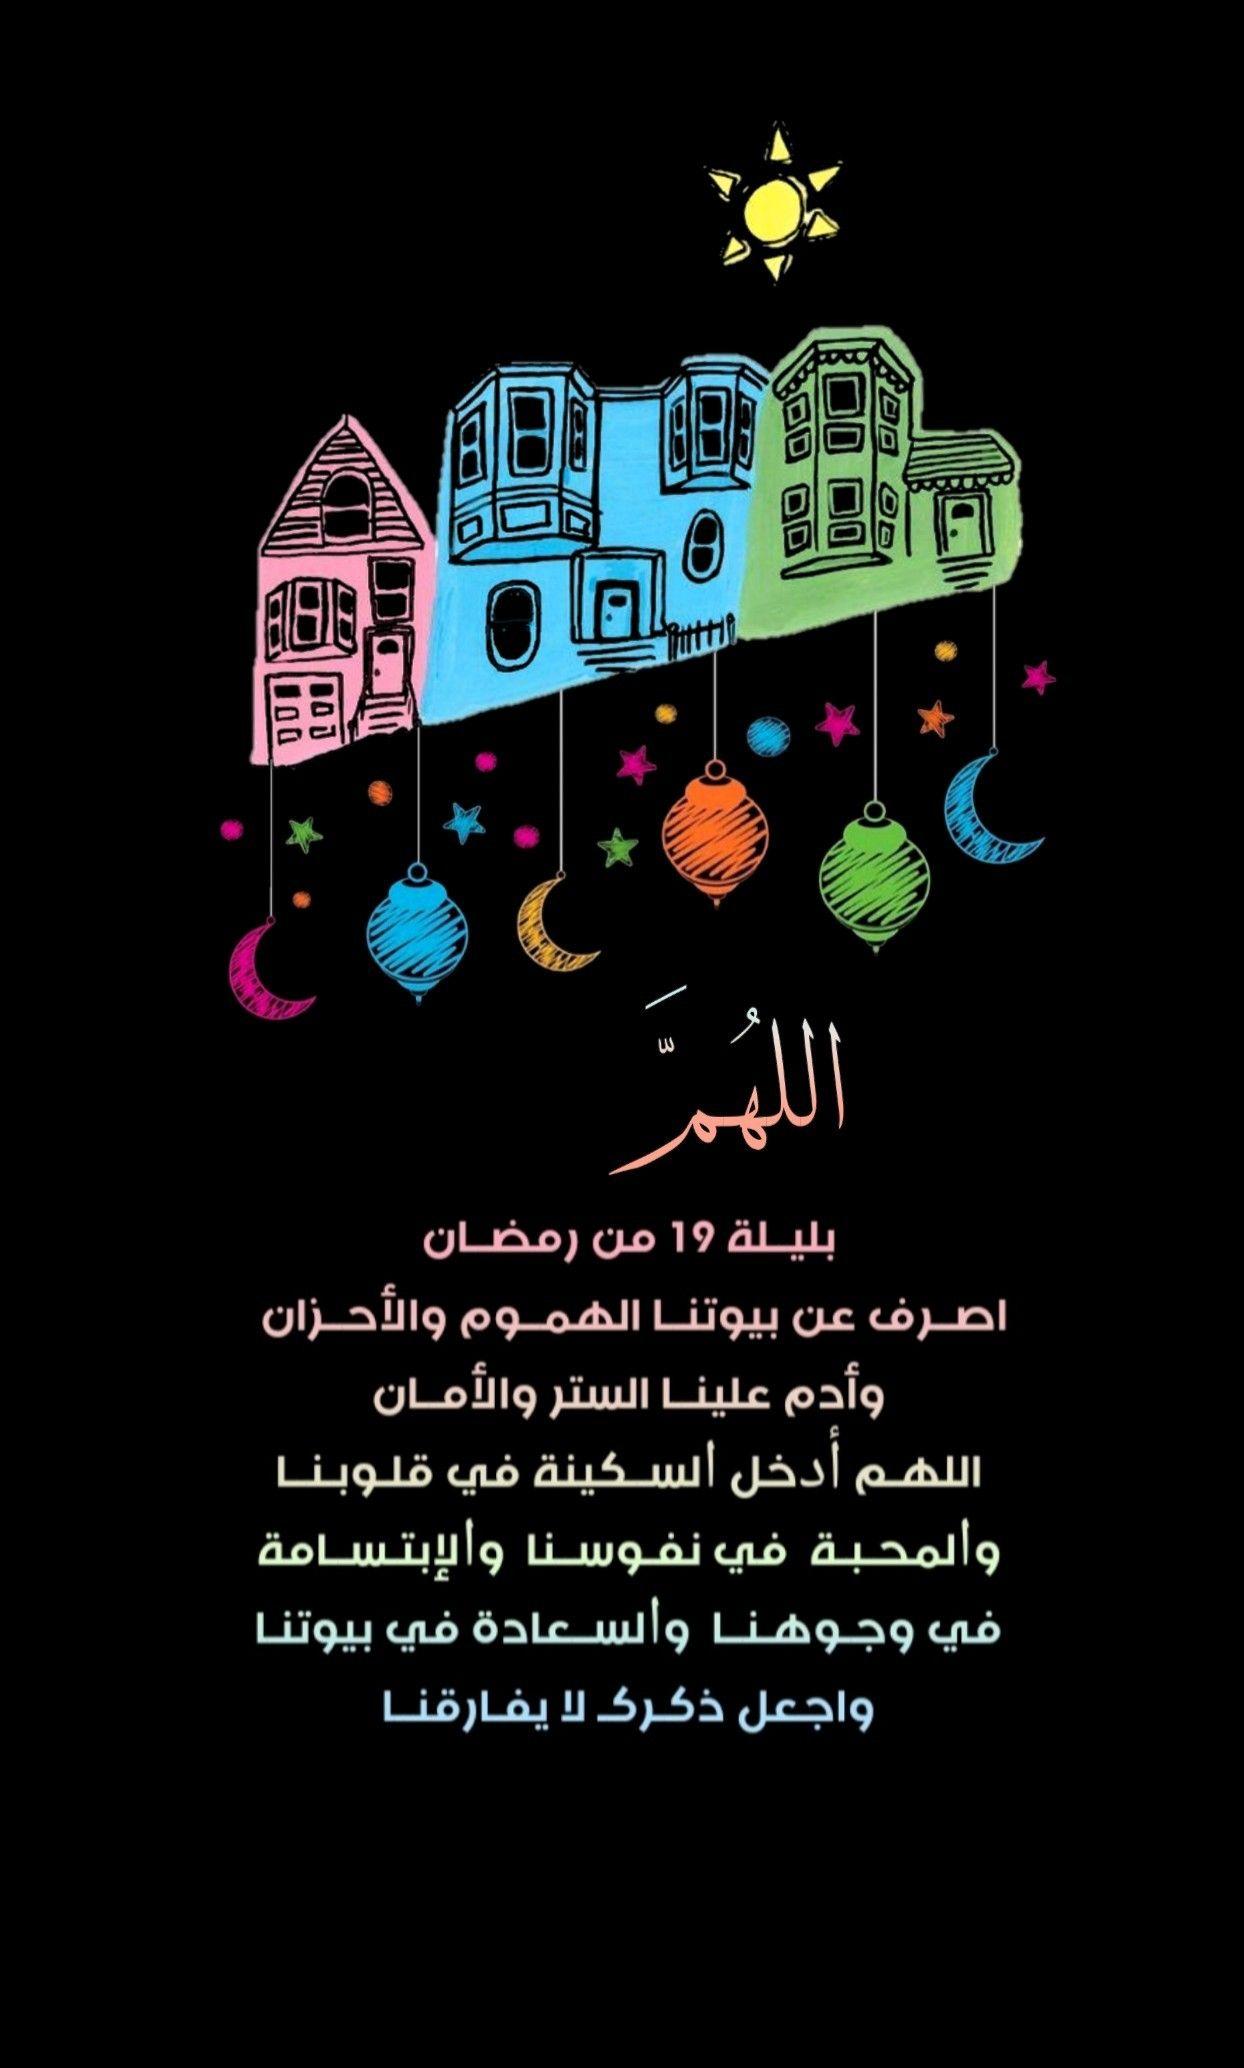 الله م بليــلة ١٩ من رمضــان اصــرف عن بيوتنــا الهمــوم والأحــزان وأدم علينــا الستر والأمــان اللهــم ﺃﺩﺧﻞ ﺍ Ramadan Greetings Ramadan Crafts Ramadan